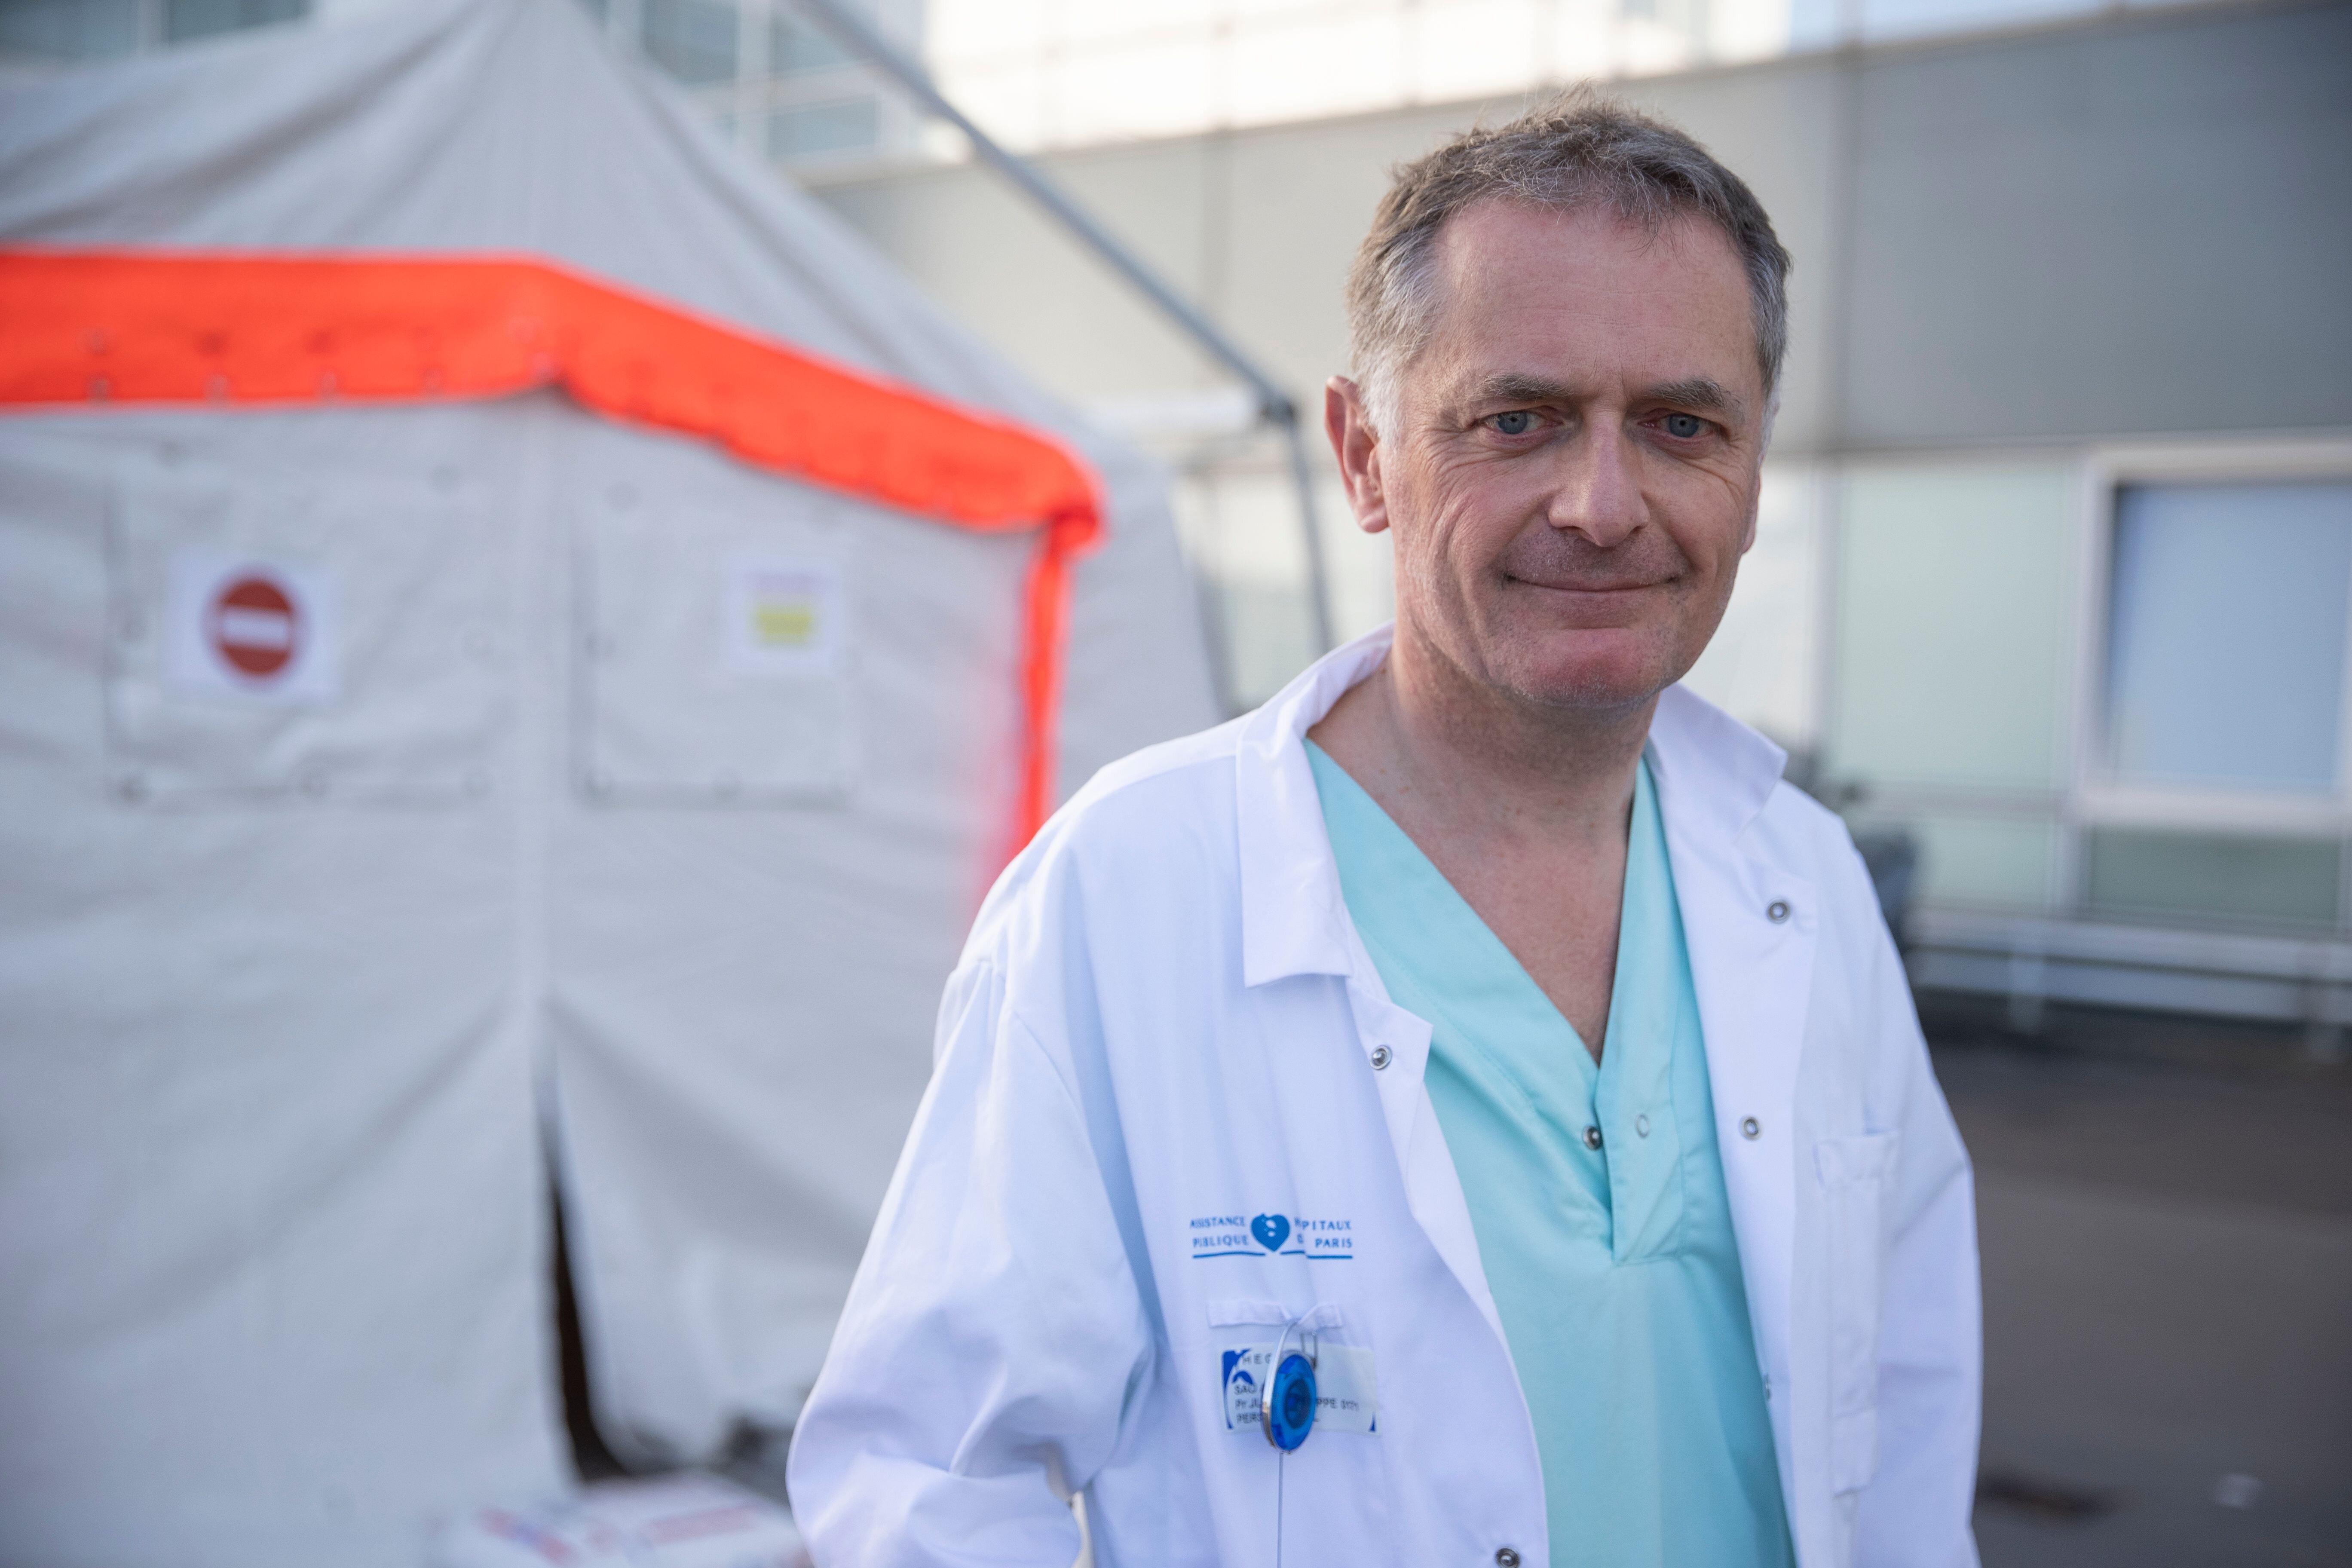 Philippe Juvin chef des urgences de l'hôpital Pompidou à Paris, photographié le 25...